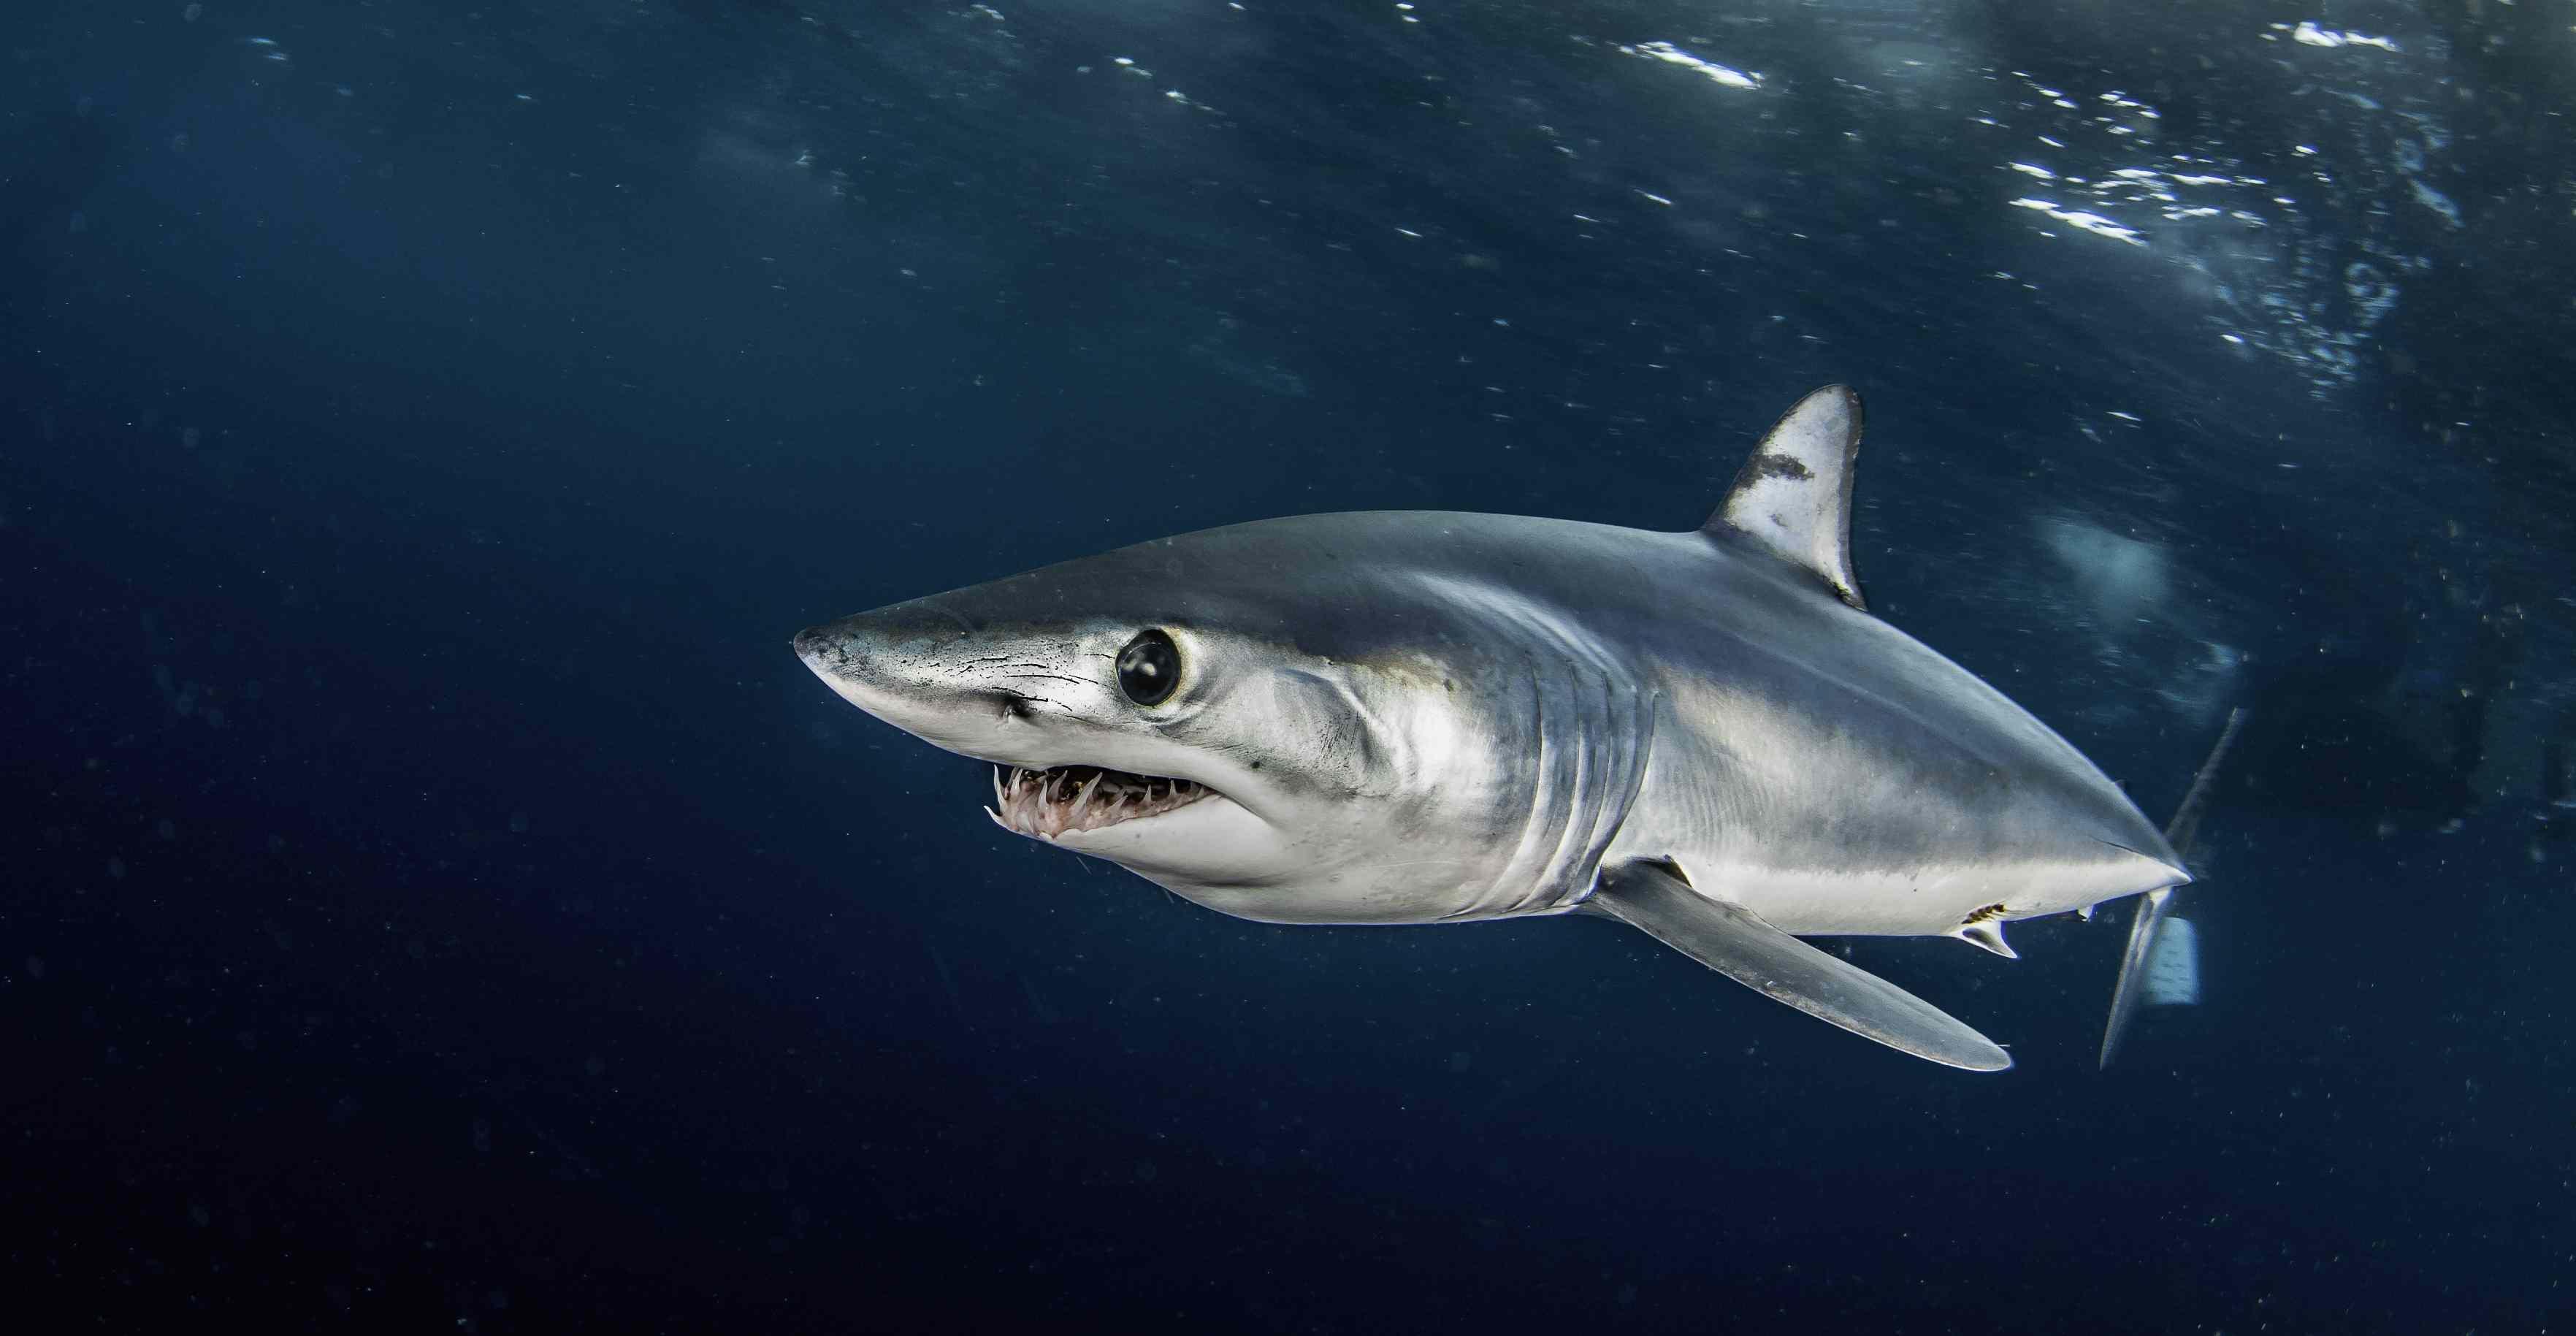 Close up of mako shark underwater